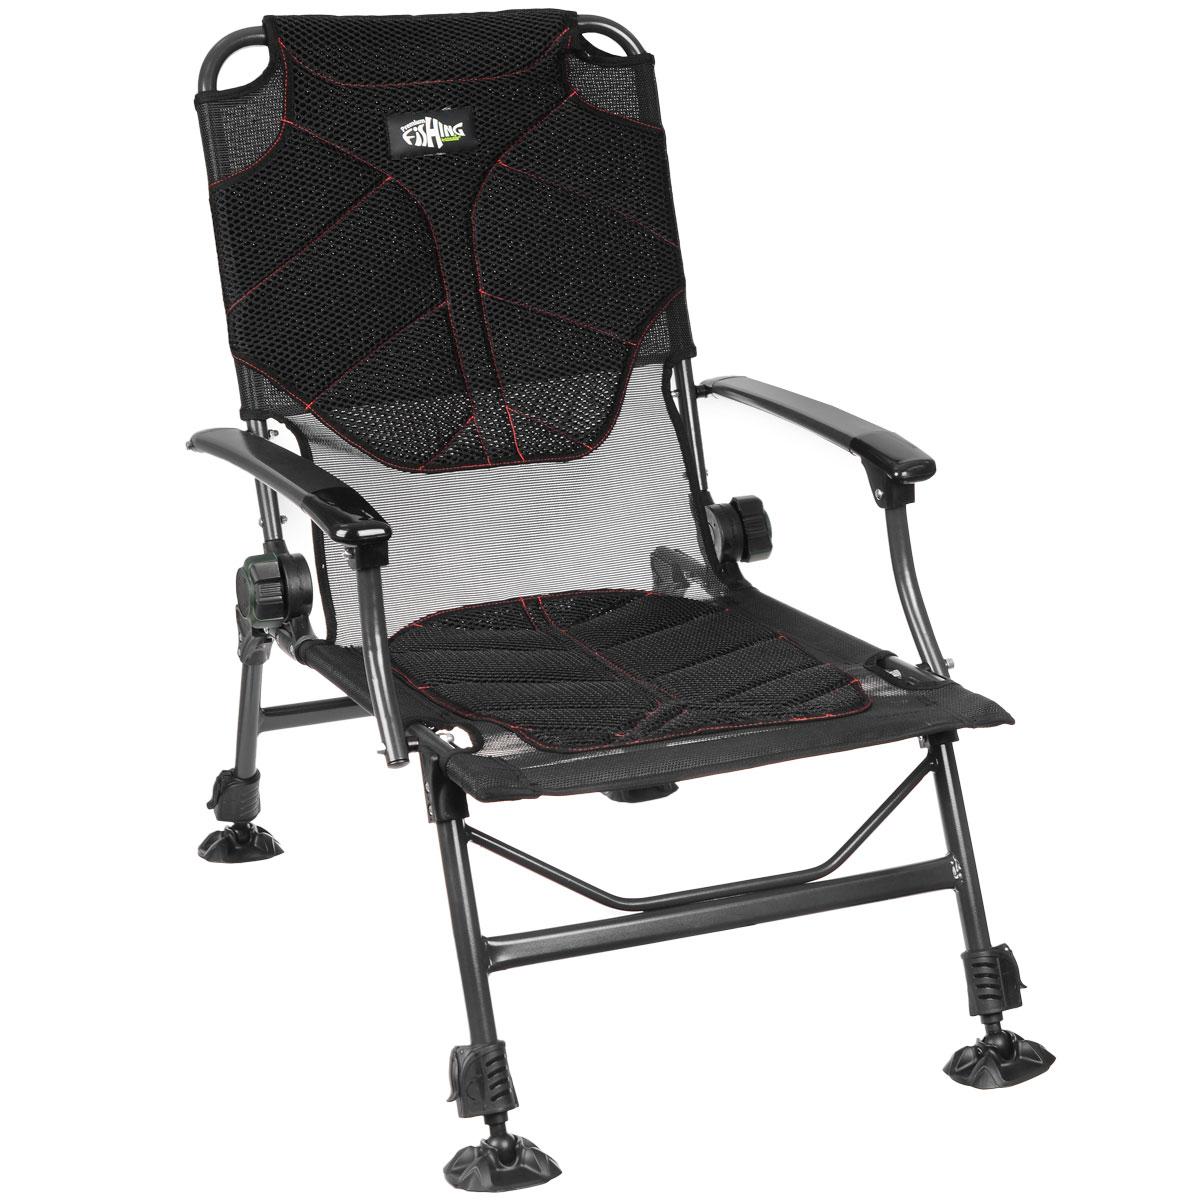 Кресло карповое Norfin Manchester NF, 55 см х 52 см х 97 смNF-20611Кресло складное Norfin Manchester NF - это отличный выбор для рыболовов. Уникально разработанный влагостойкий, дышащий матрас создает максимальный комфорт при любой погоде. В жару кресло будет проветриваться сквозь отверстия сетки в сиденье и на спинке, в дождь оно будет пропускать влагу и быстро сохнуть. Наклон спинки регулируется. Кресло имеет ножки с возможностью независимой регулировки высоты и широкими опорами.